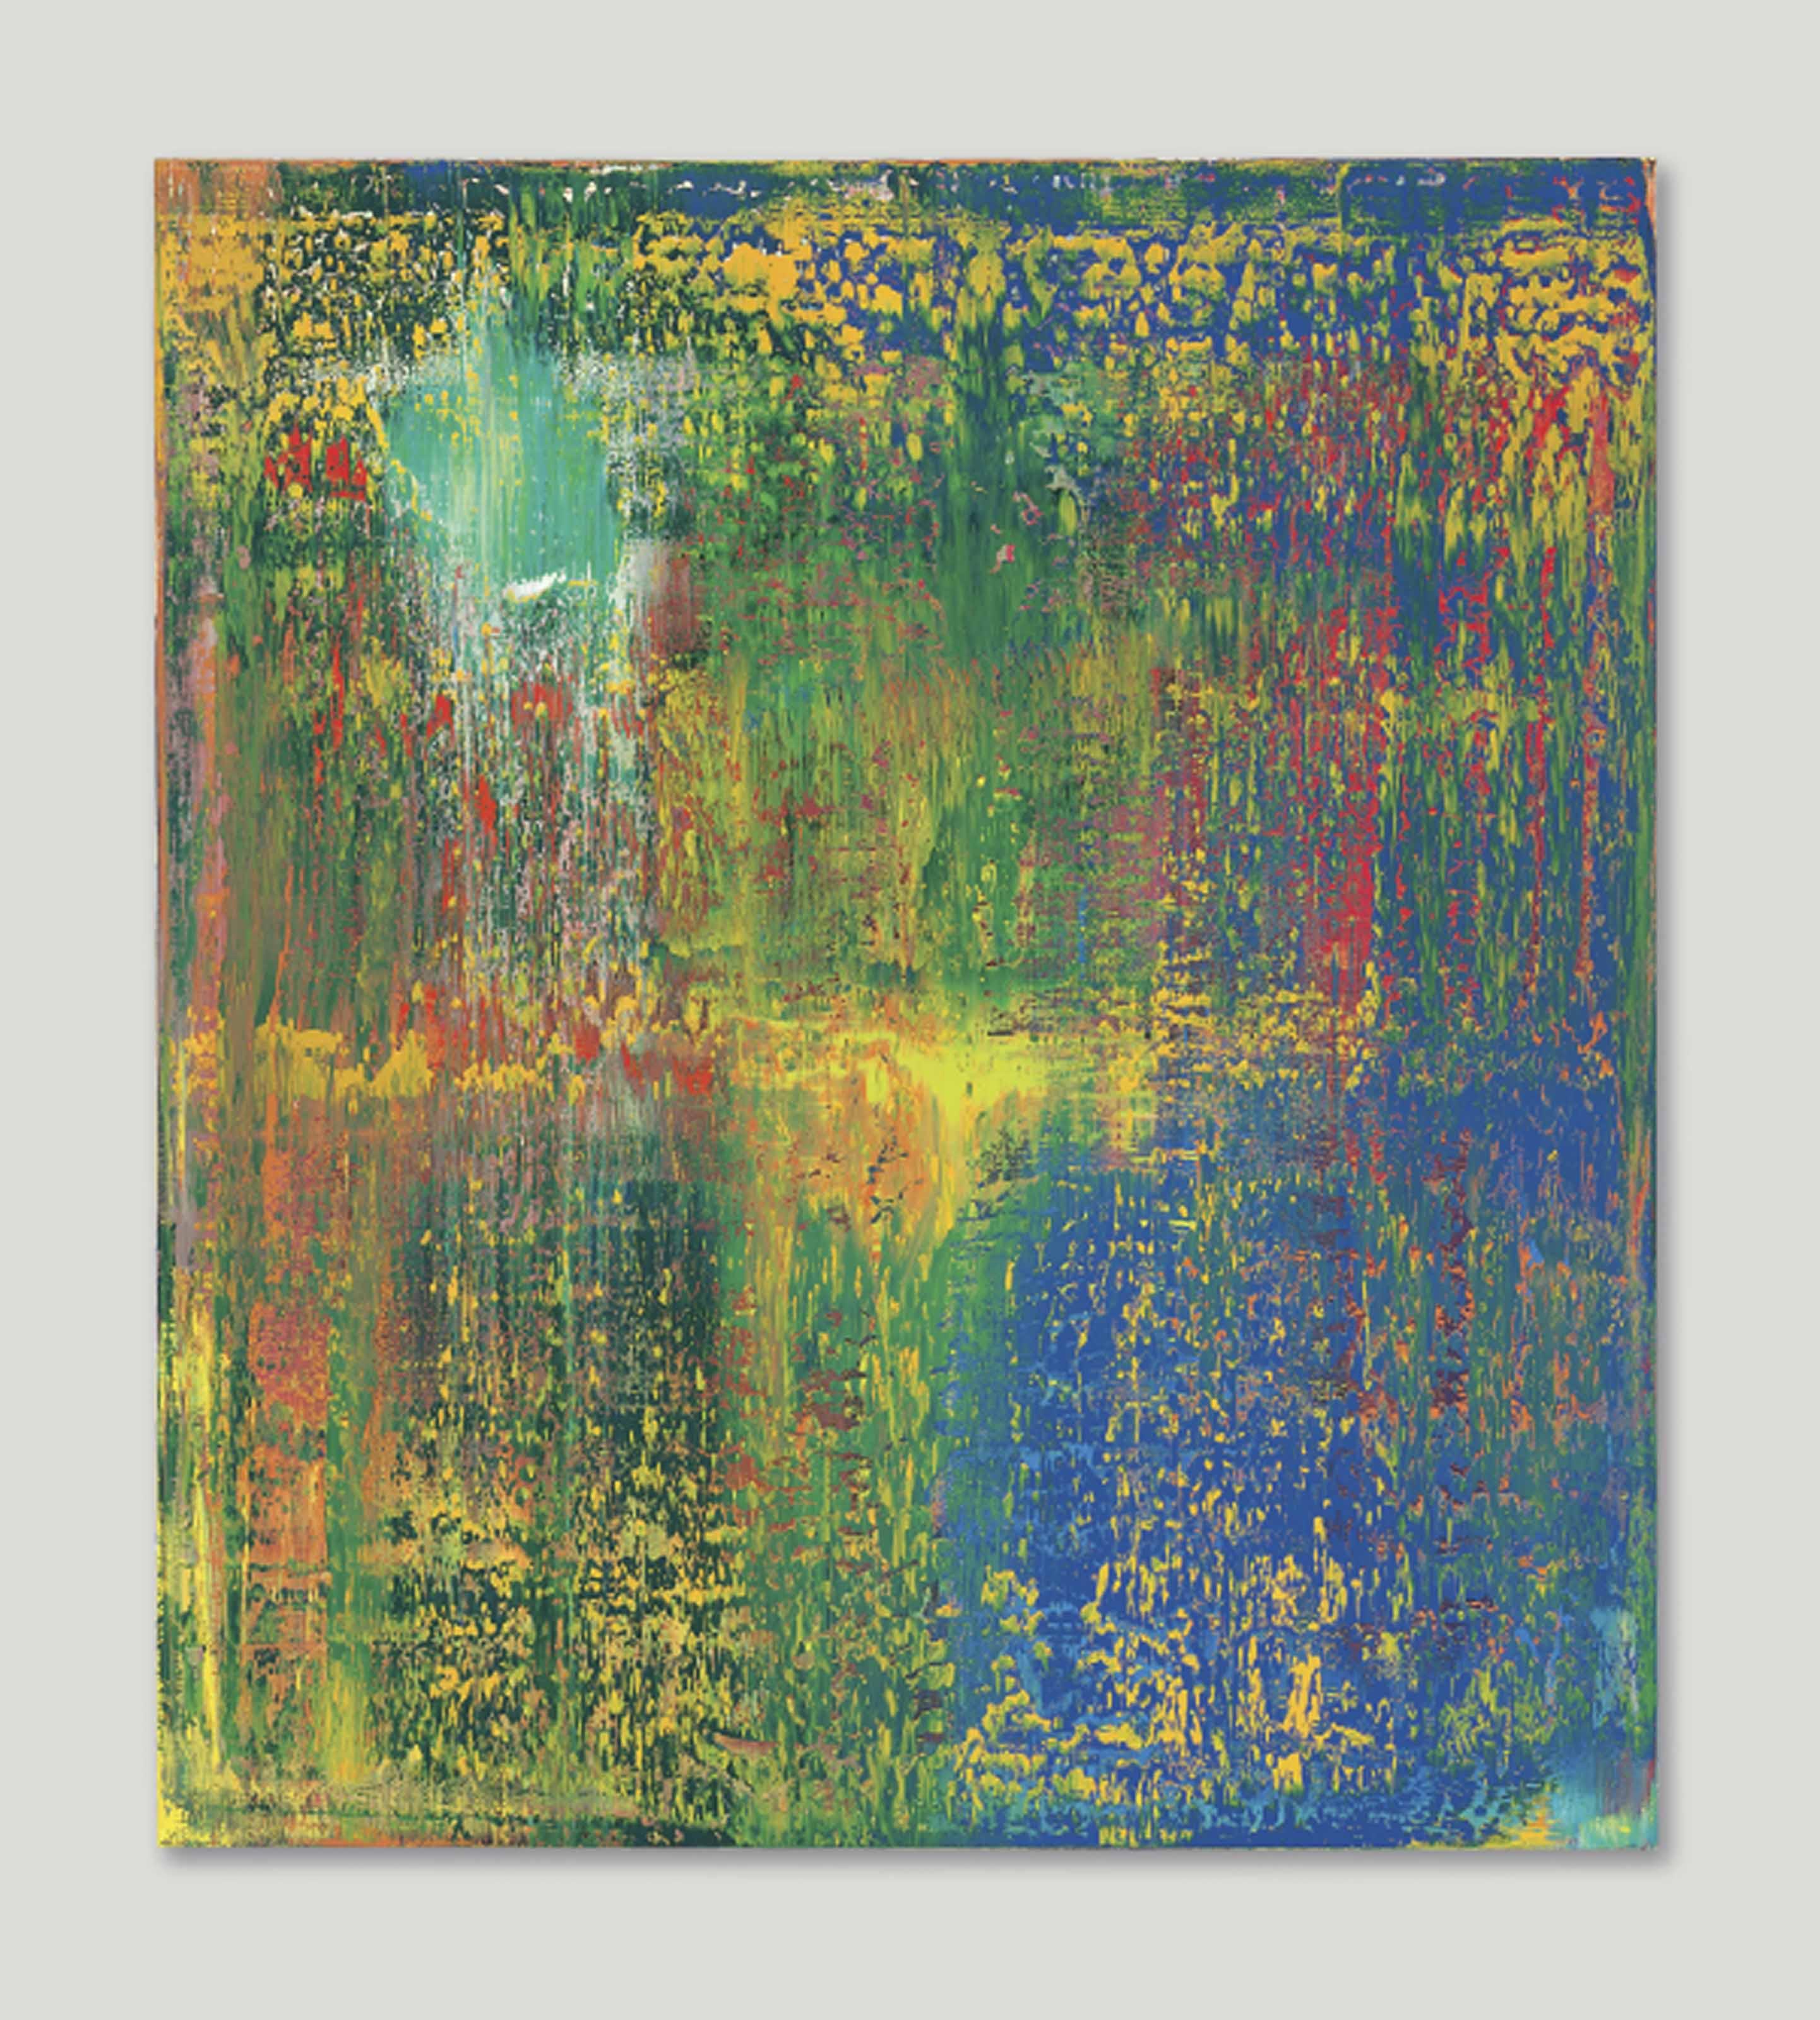 Audio: Gerhard Richter, Abstraktes Bild (648-3)